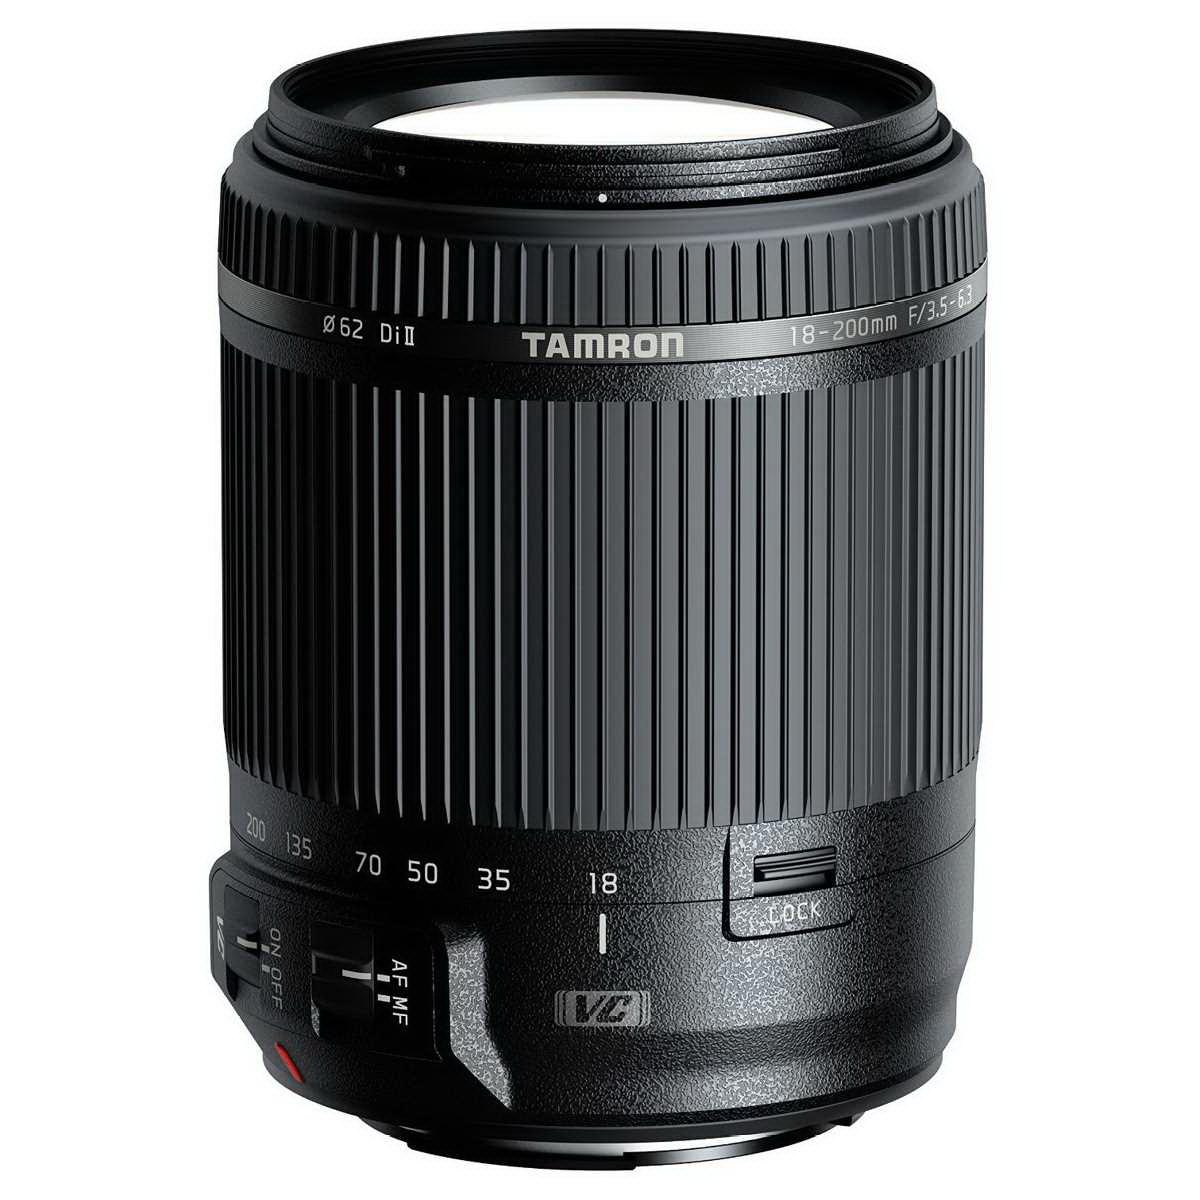 Объектив Tamron AF 18-200mm f/3.5-6.3 Di II VC (B018) Canon EF-S